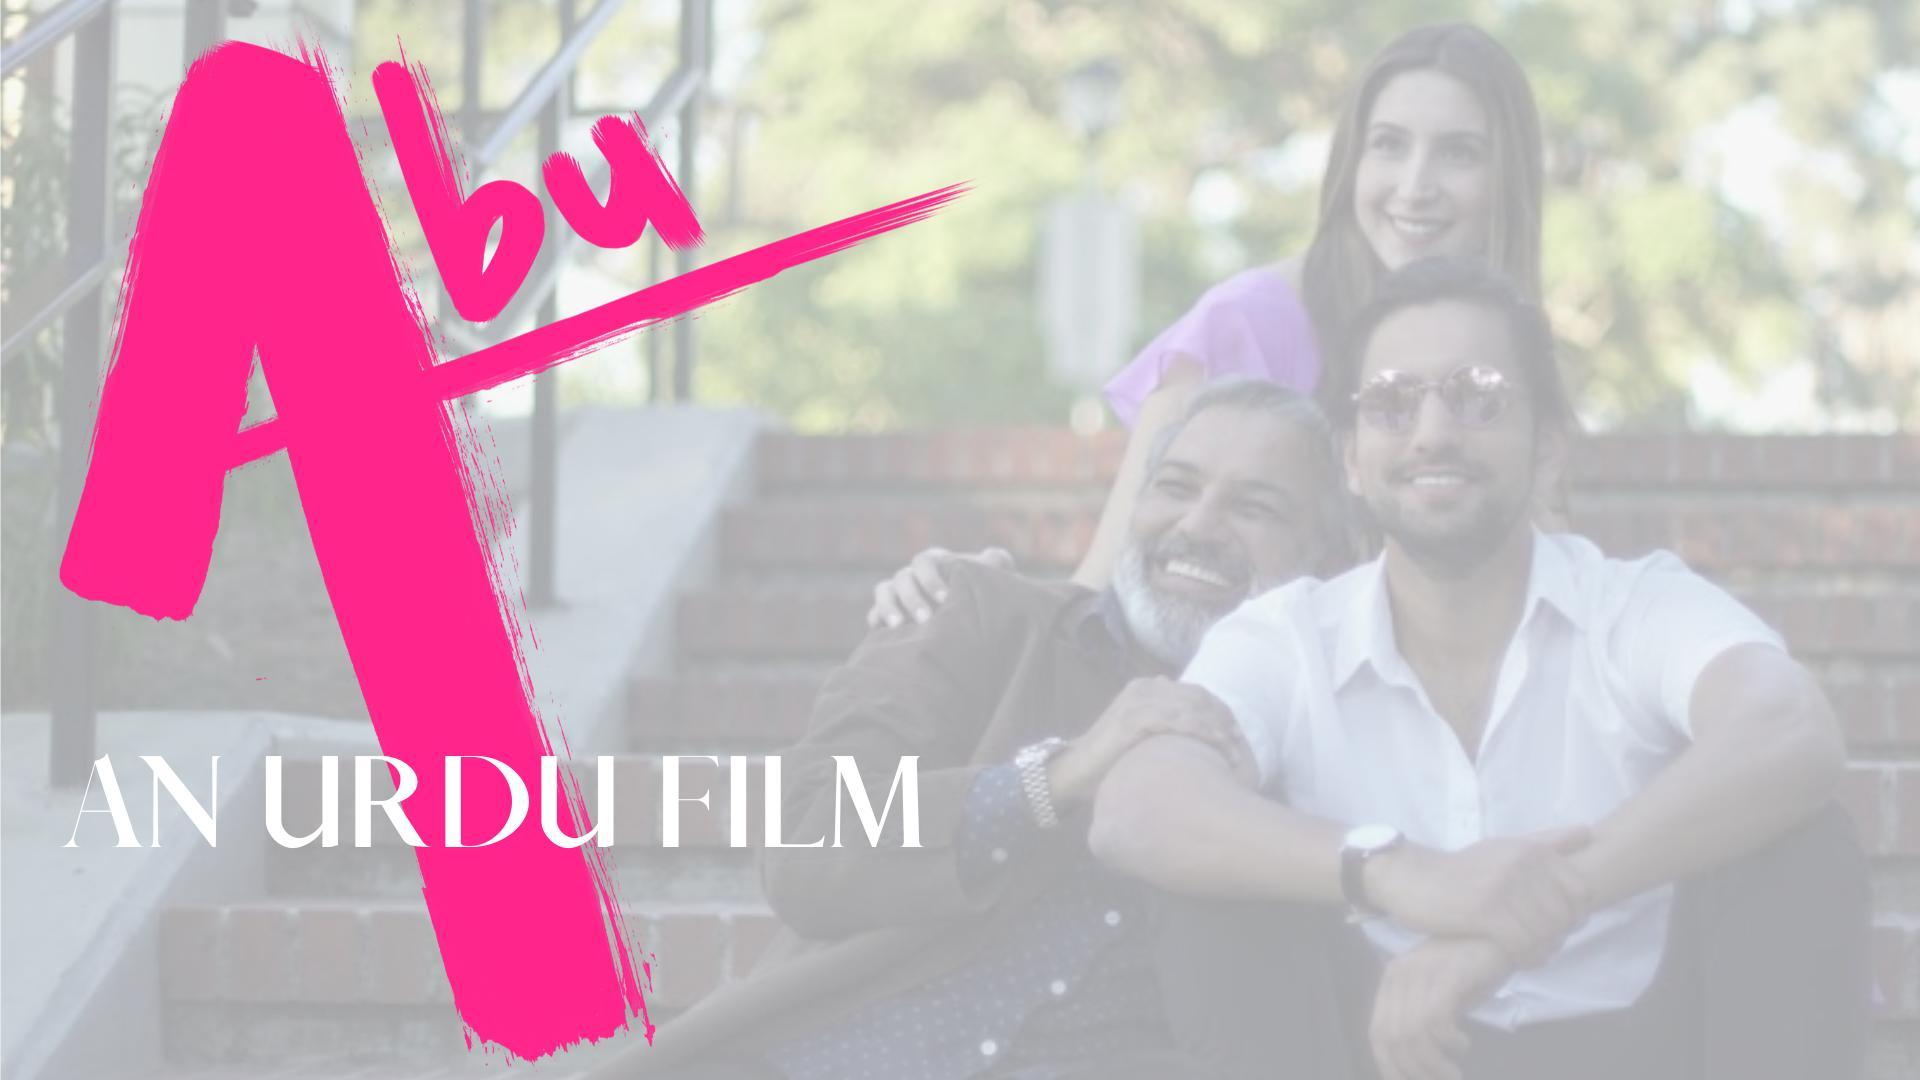 Abu - An Urdu Film